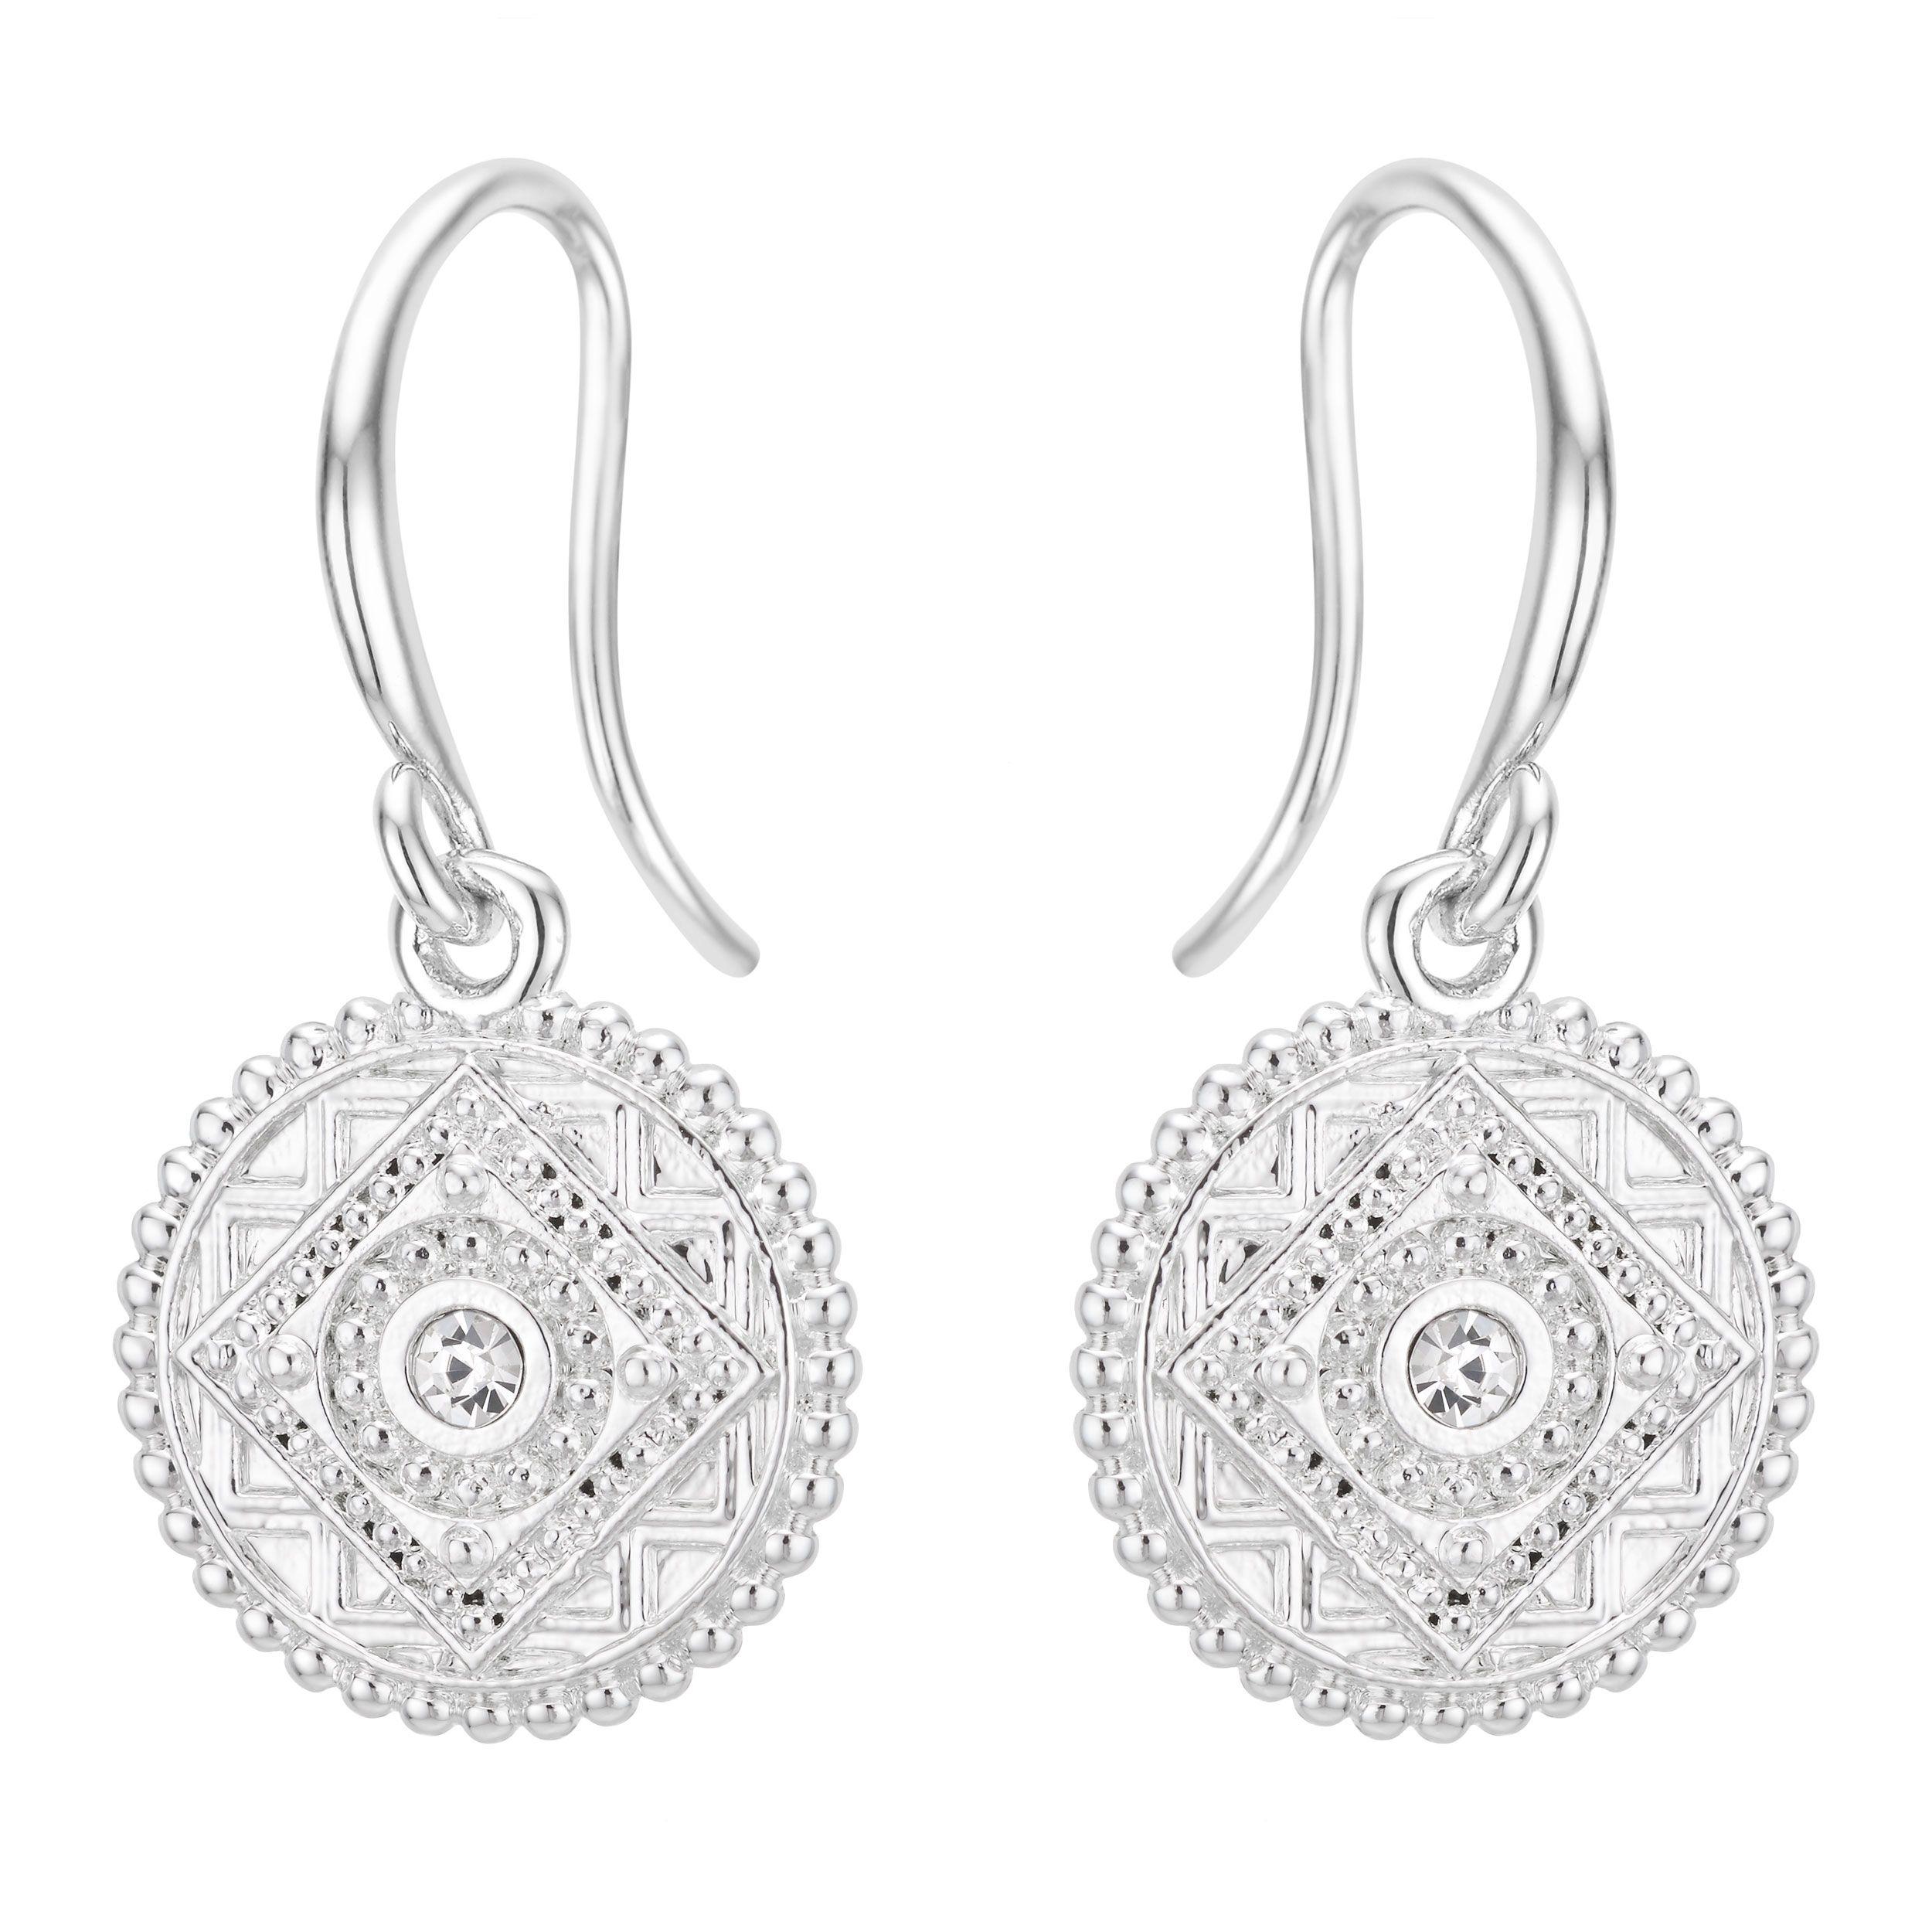 Buckley London Faith Coin Earrings